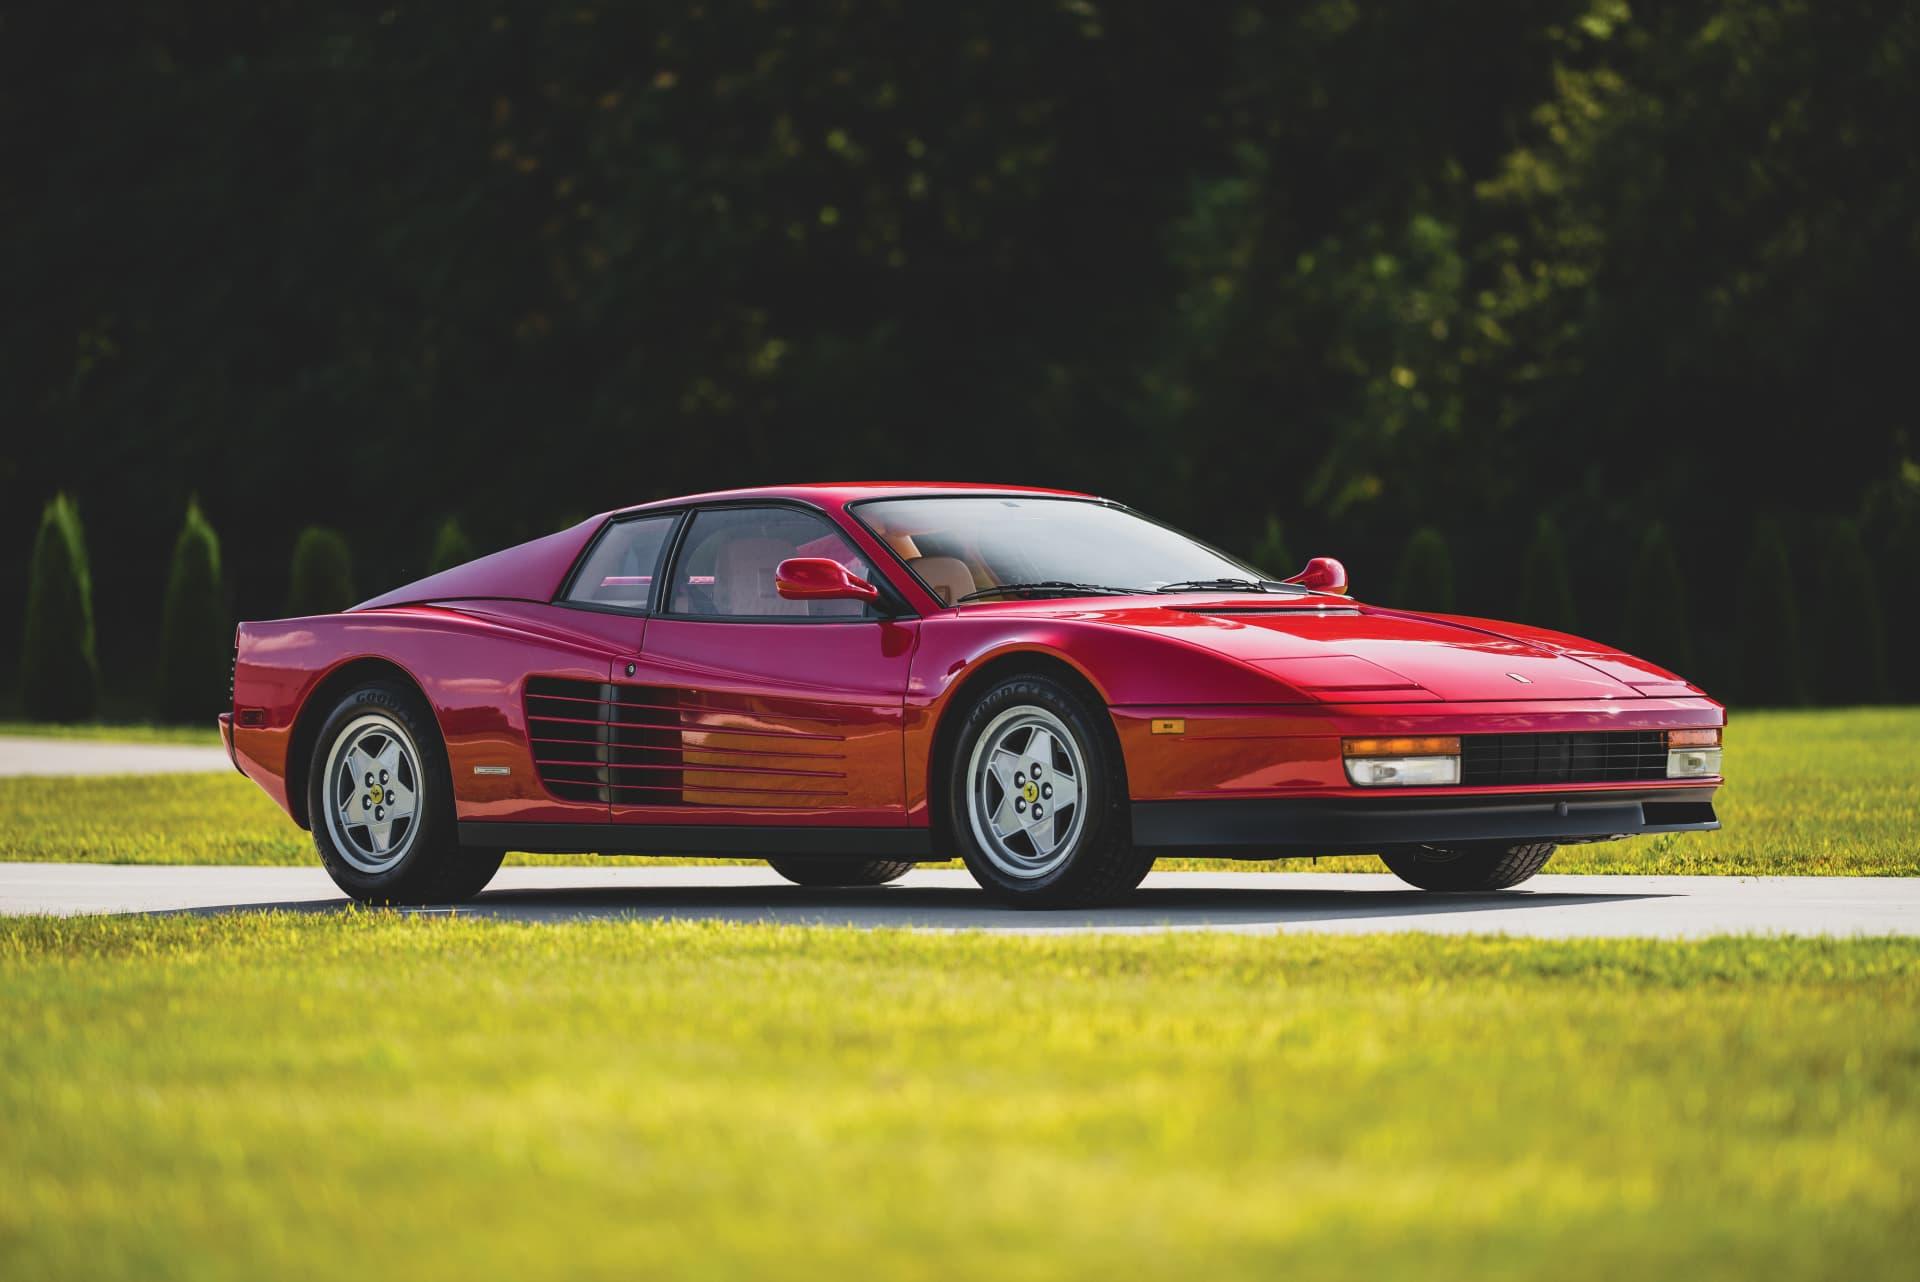 Cuanto Cuesta El Ferrari Testarossa Esta Unidad Ahora Puede Ser Tuya Con Solo 8 430 Km Diariomotor